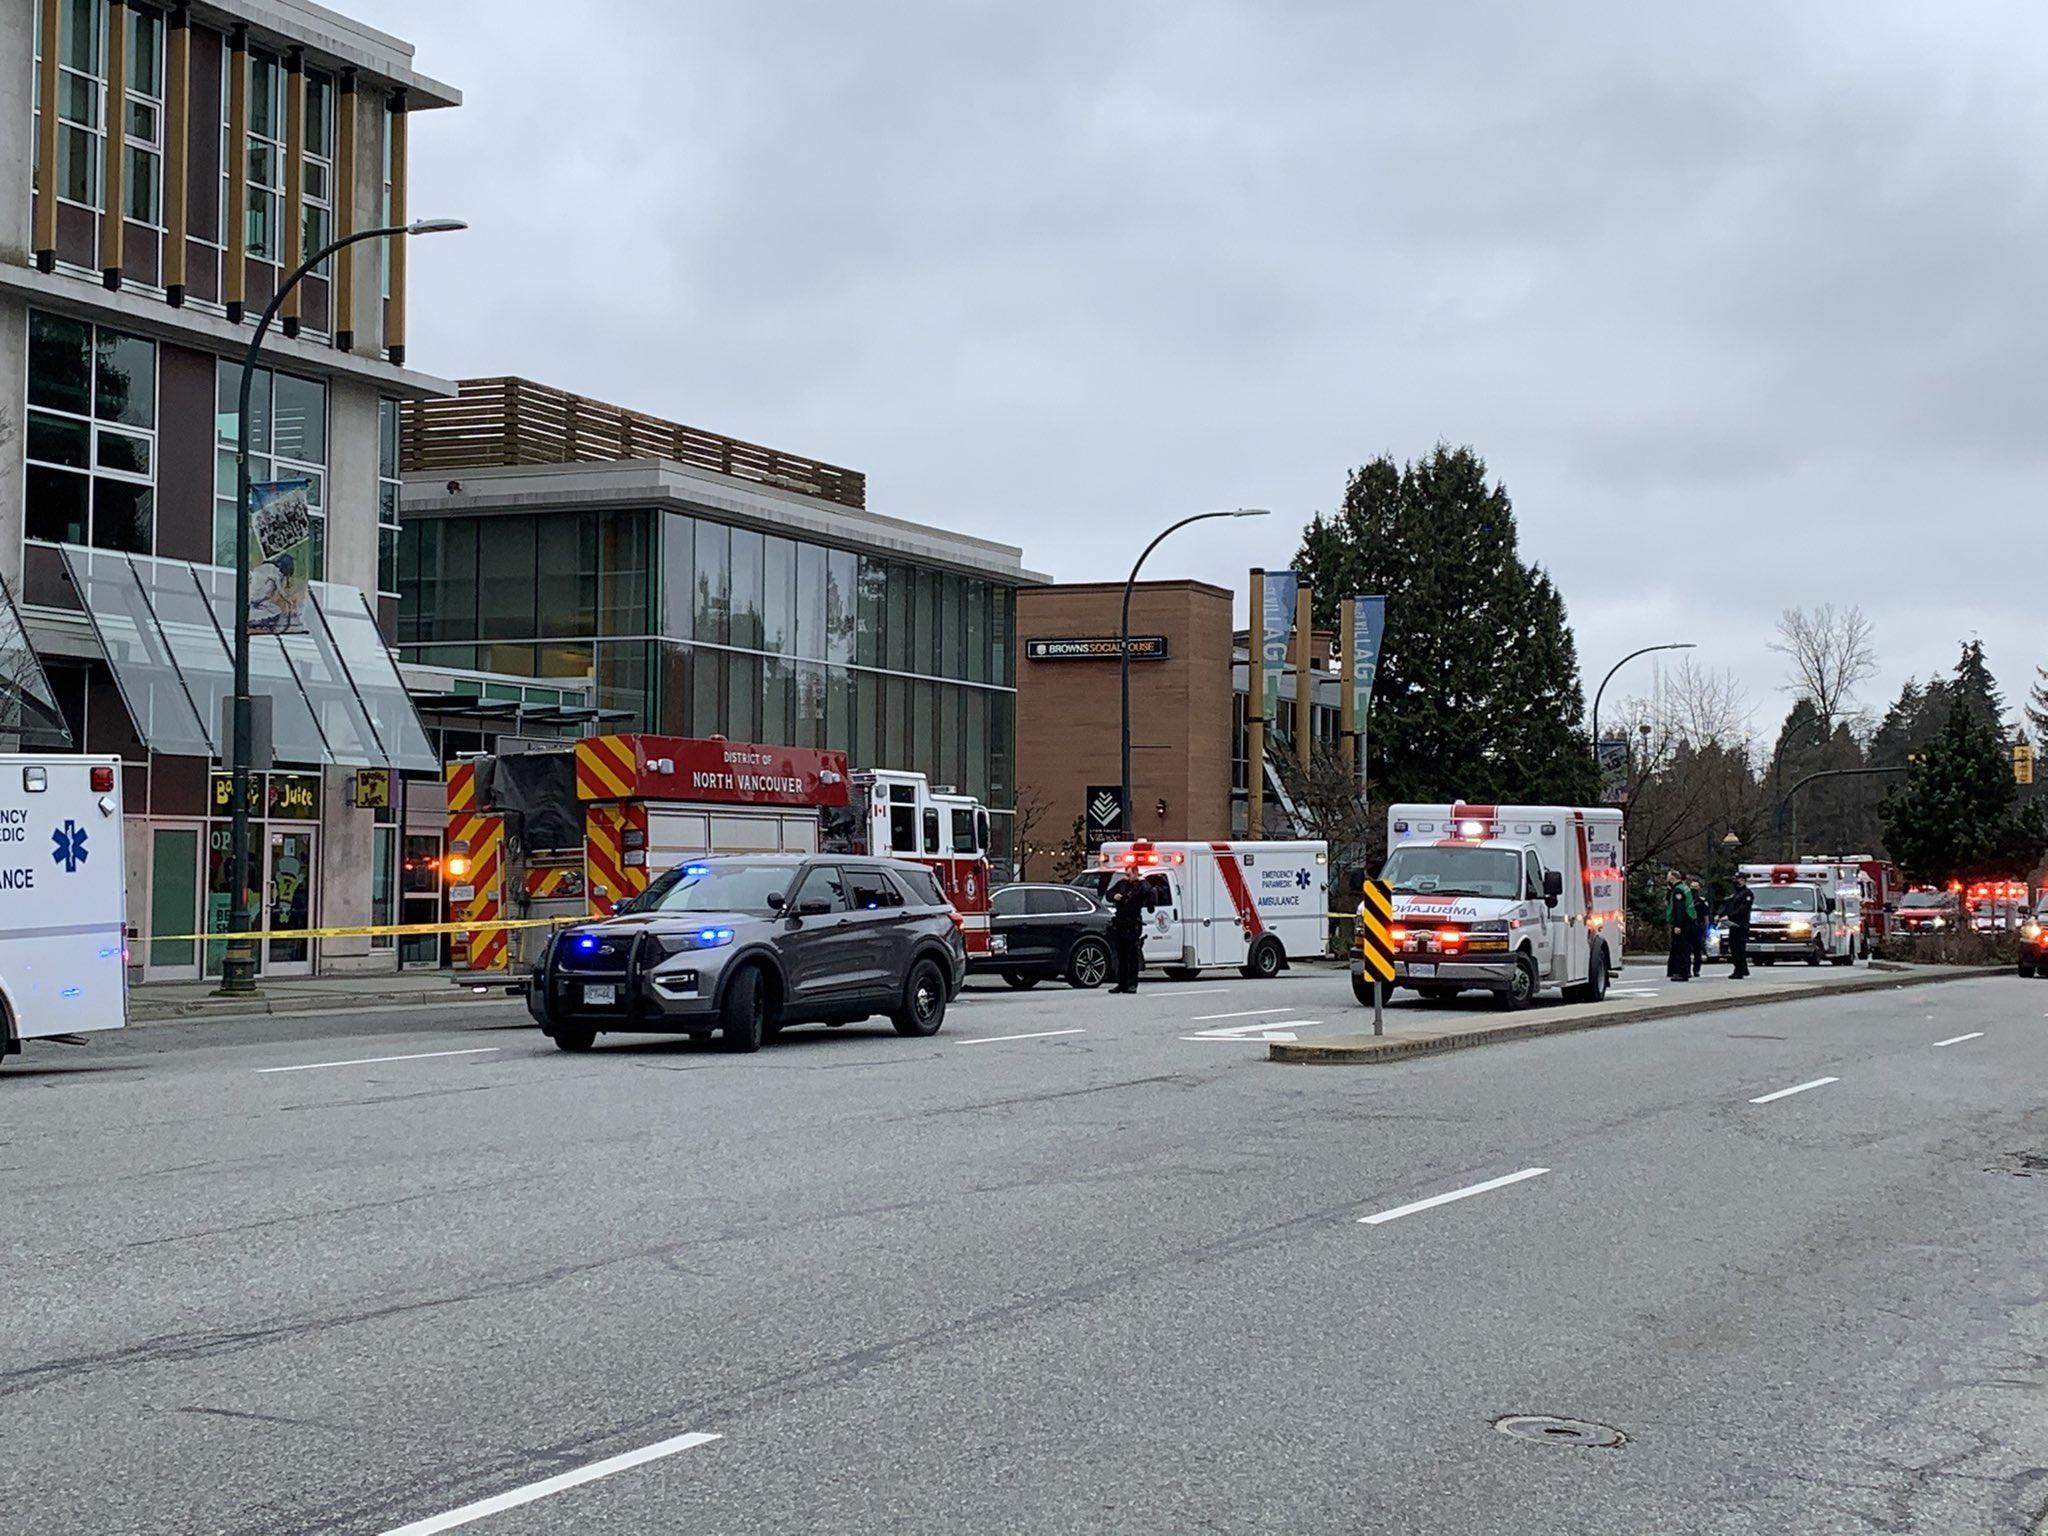 Нападение случилось в тихом канадском пригороде / фото twitter.com/phoenix45photo